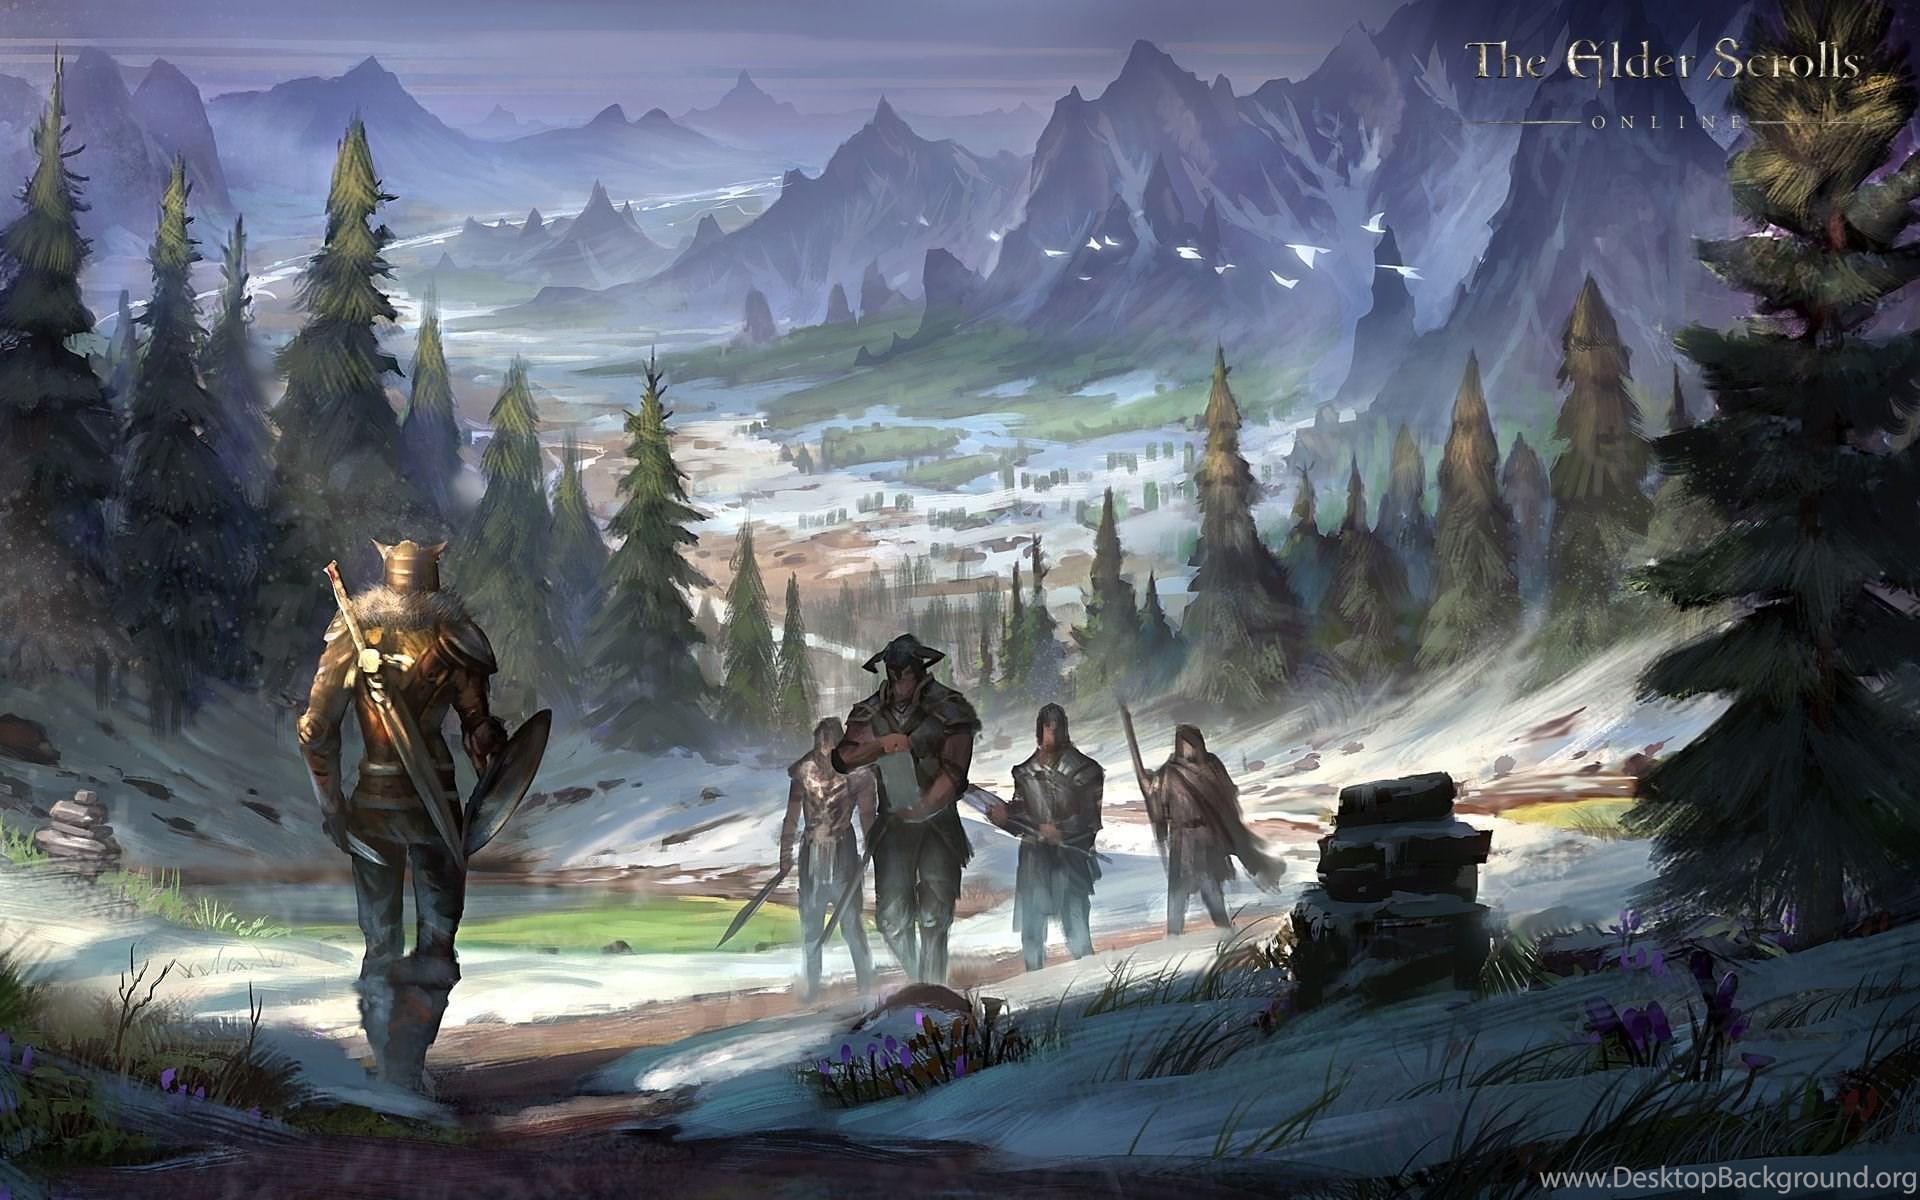 Wallpapers The Elder Scrolls Online Ouroboros The Elder Scrolls